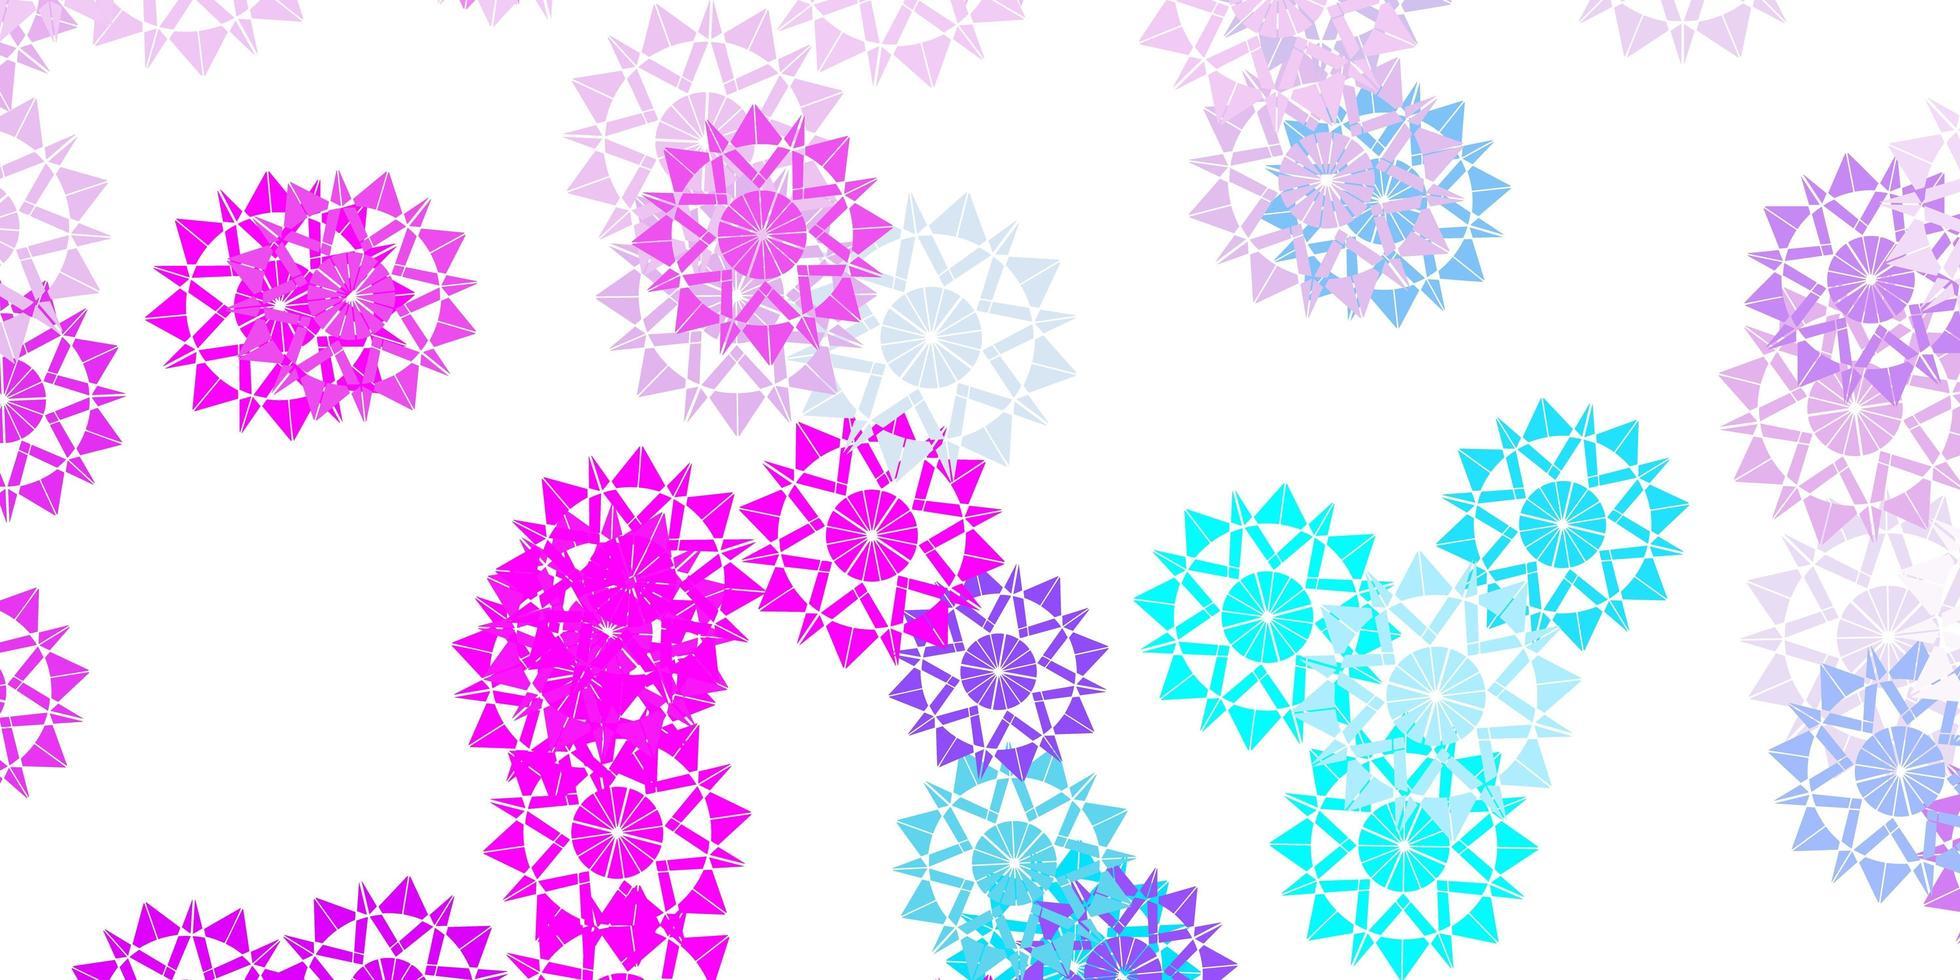 hellrosa, blaue Vektorschablone mit Eisschneeflocken. vektor